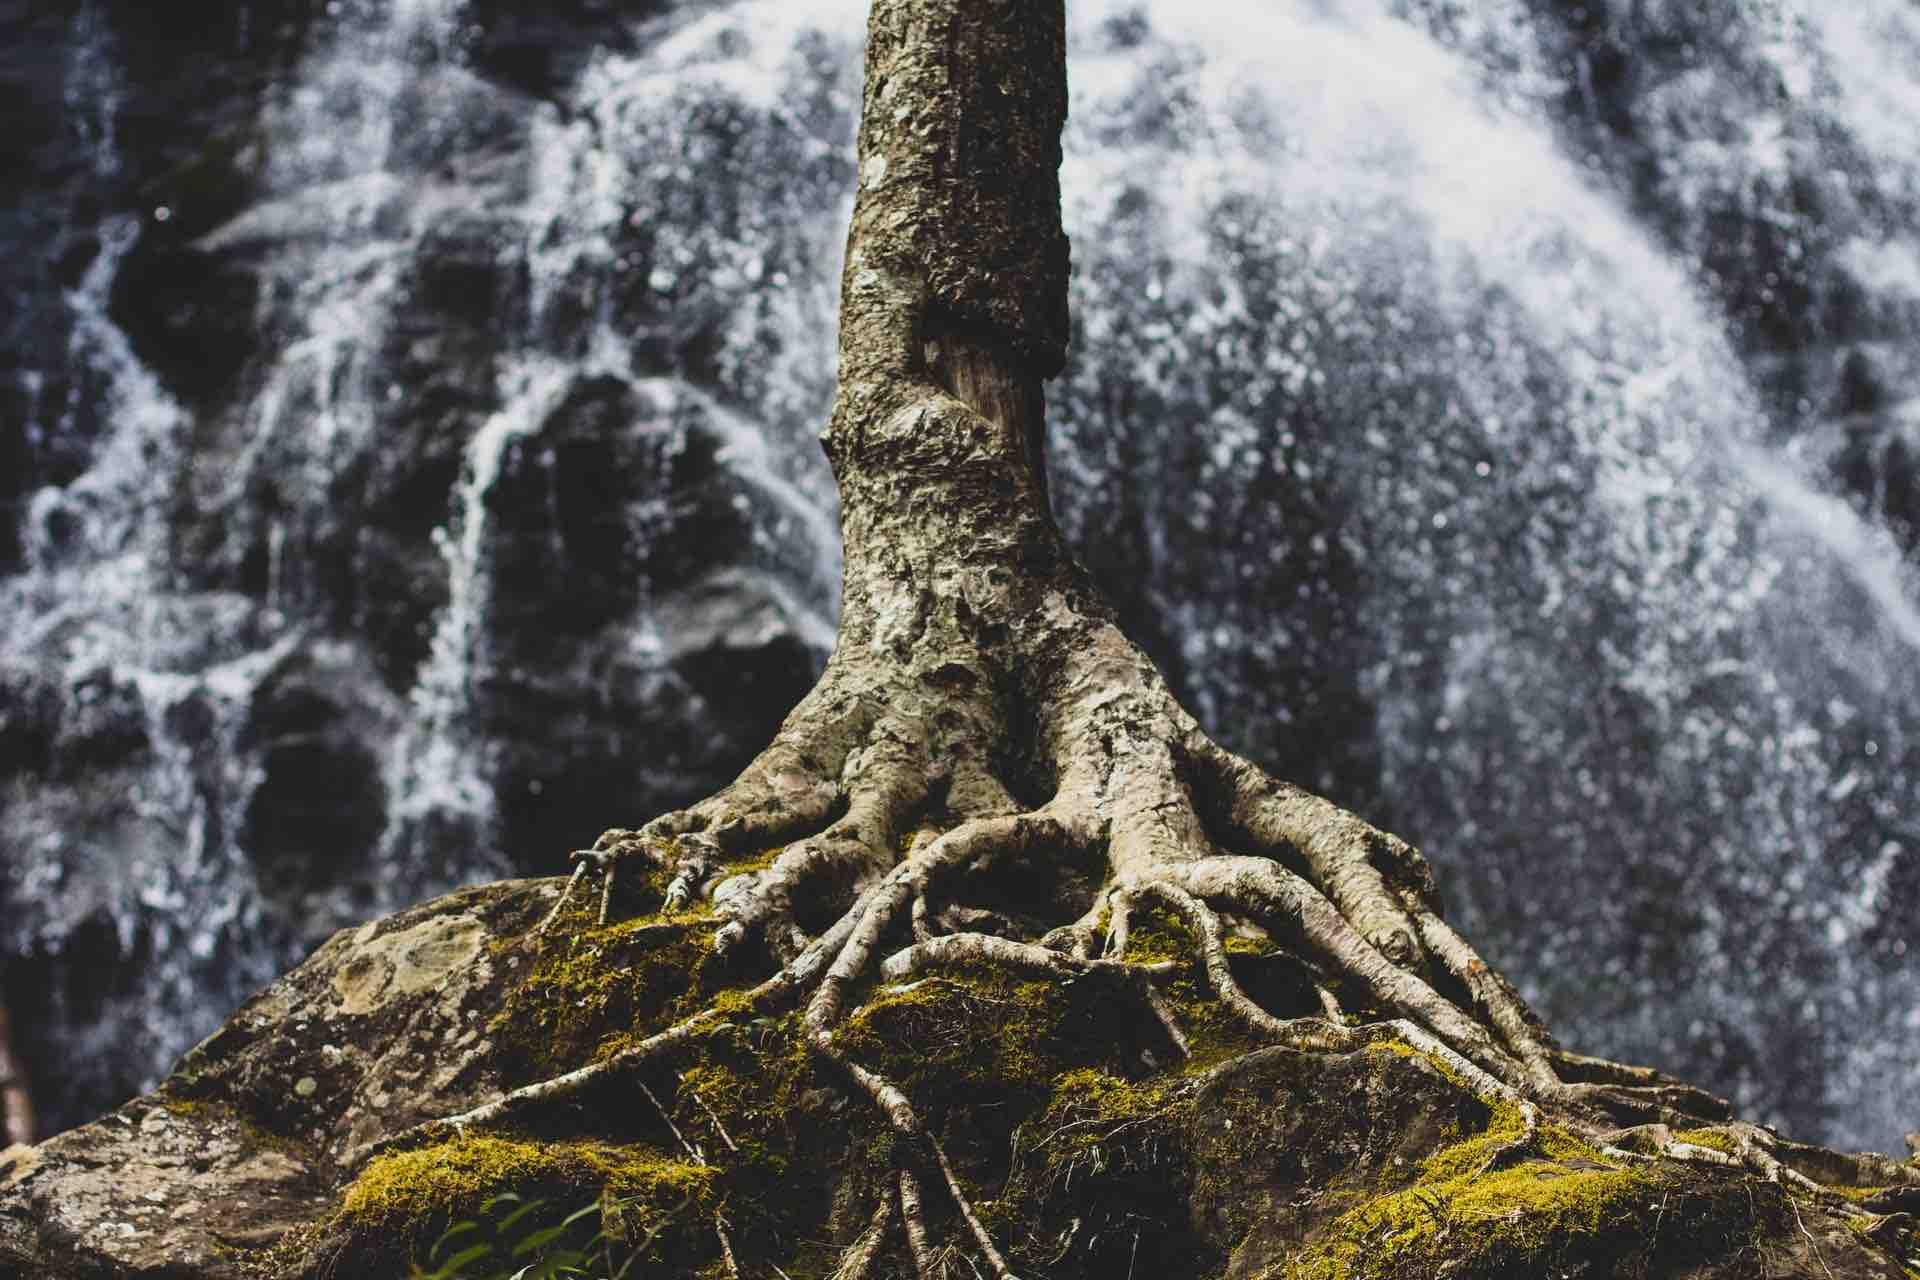 racine chutes d'eau nature